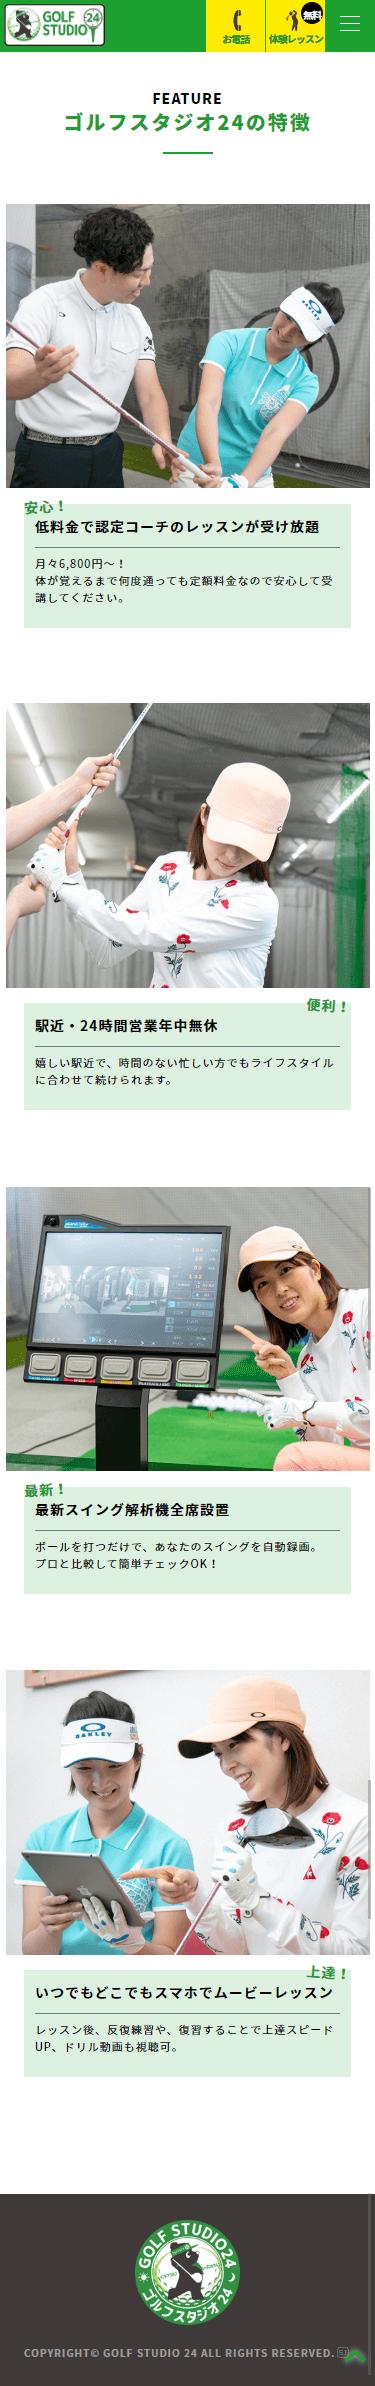 吹田市 ゴルフスタジオ24 ホームページ制作 4